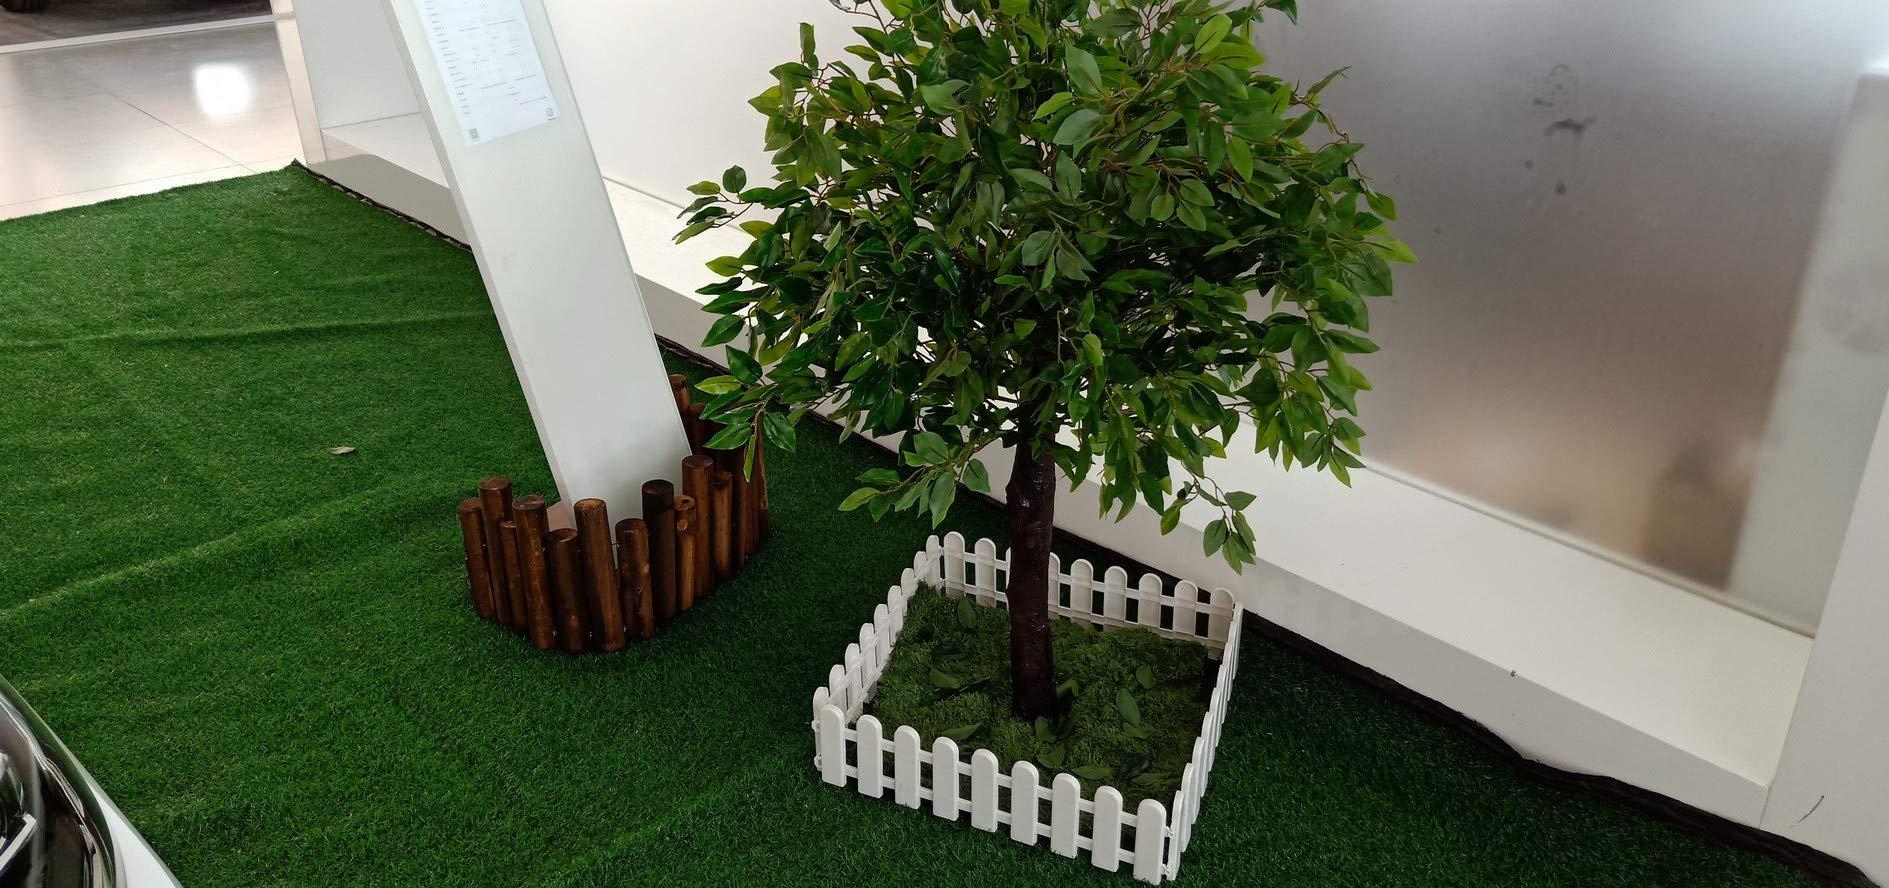 Wallpaper-YC-Knstlicher-Eukalyptus-knstlicher-Baum-Innengropflanzendekoration-gesetzte-Grnpflanze-des-Wohnzimmer-Hotel